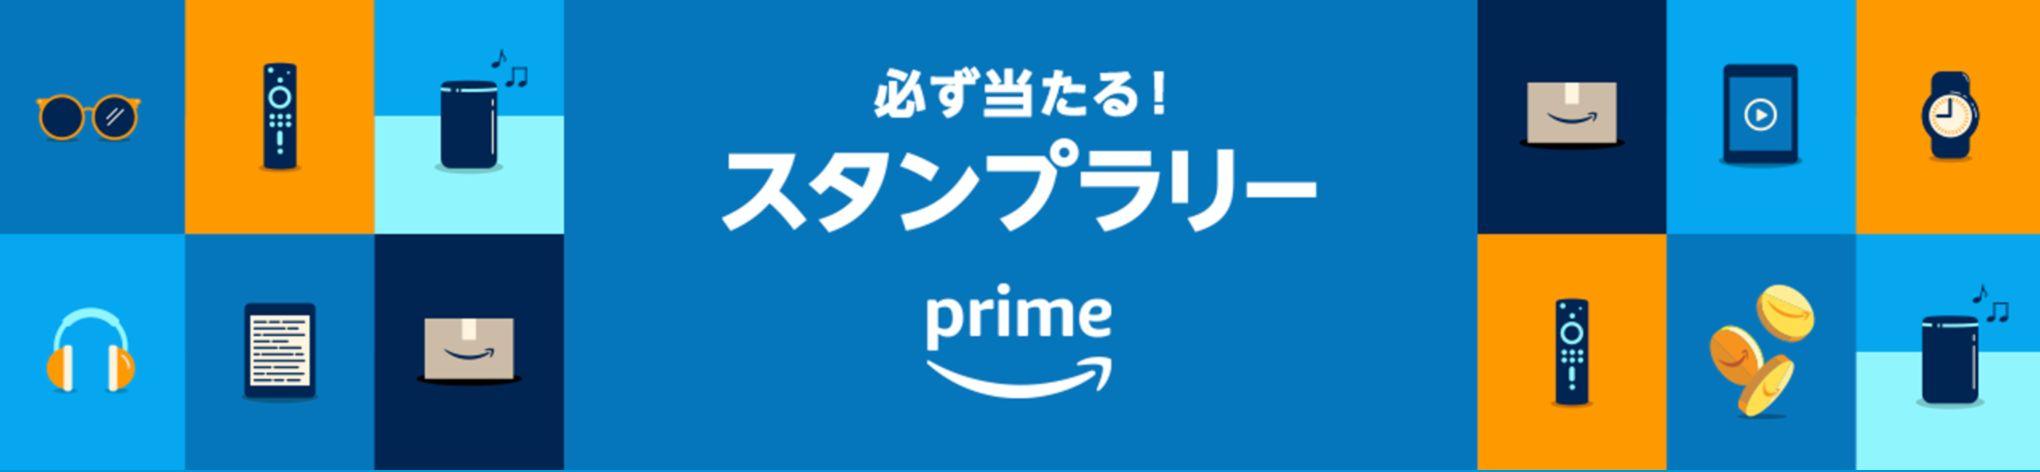 Amazon初売り2021 プライムスタンプラリー